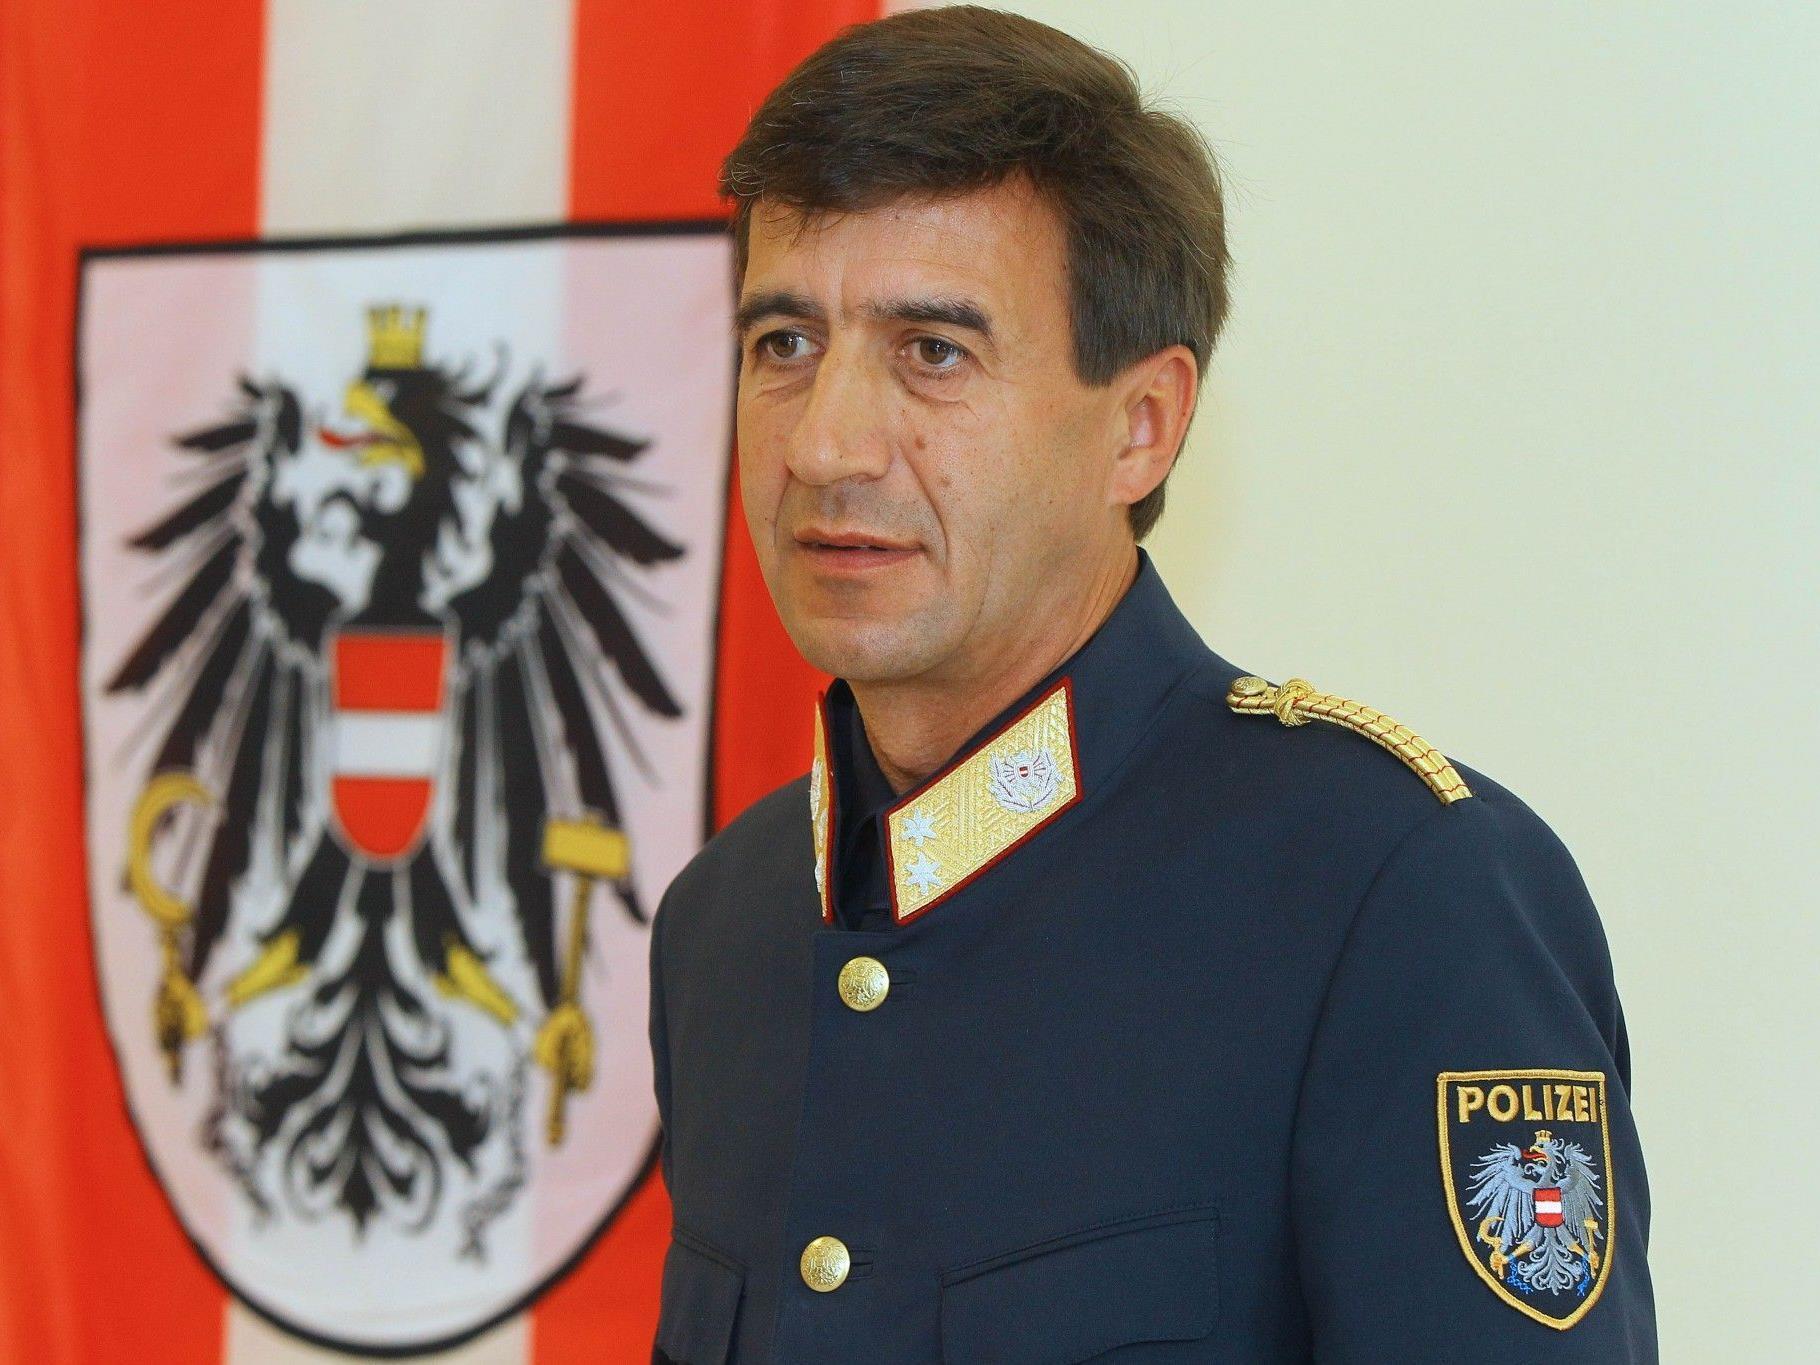 Bewirbt sich doch nicht als Landespolizeidireketor: Landespolizeikommandant Siegbert Denz